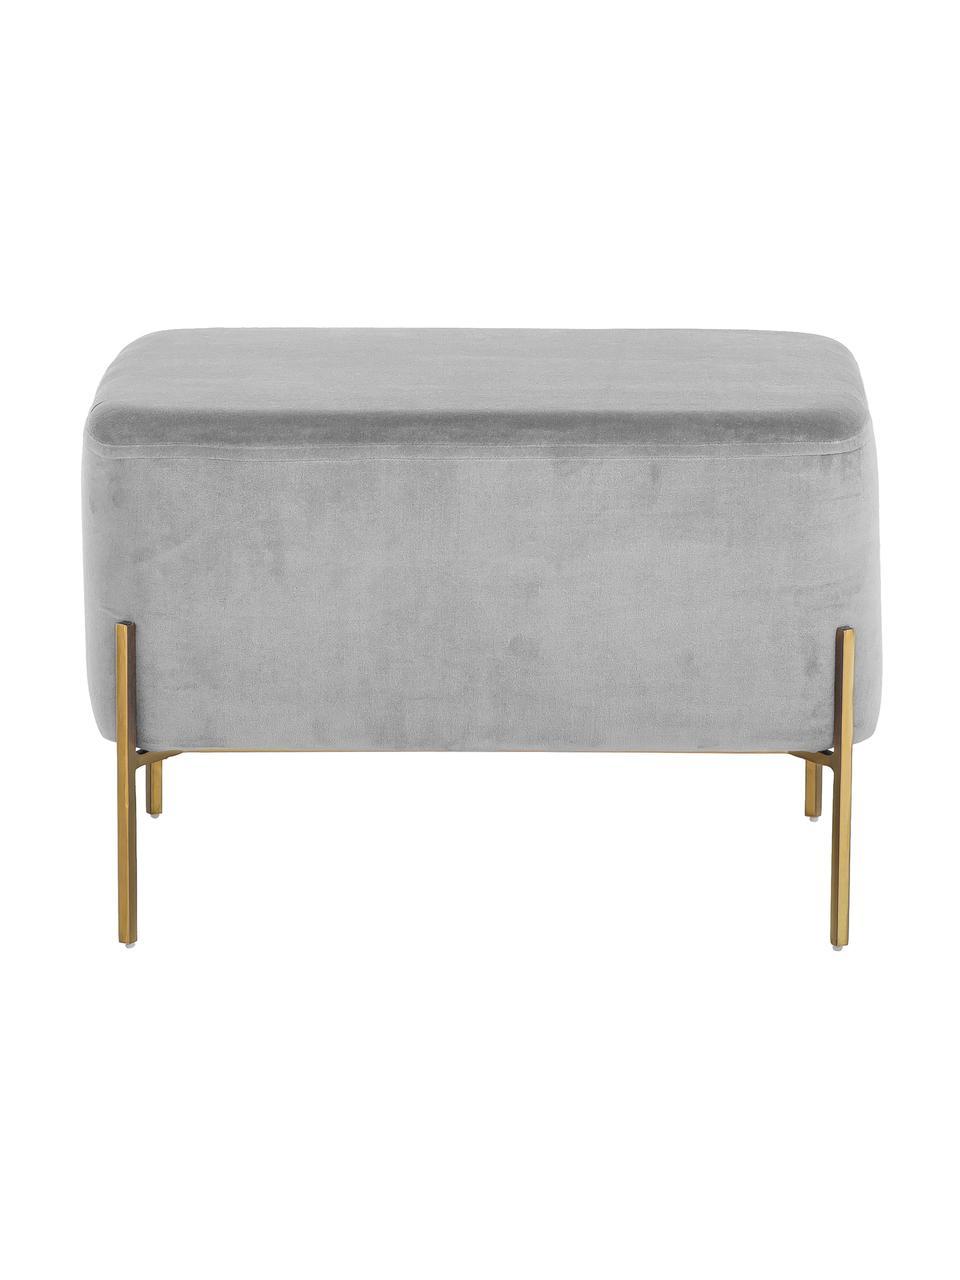 Puf z aksamitu Harper, Tapicerka: aksamit bawełniany, Jasny szary, odcienie złotego, S 64 x W 44 cm